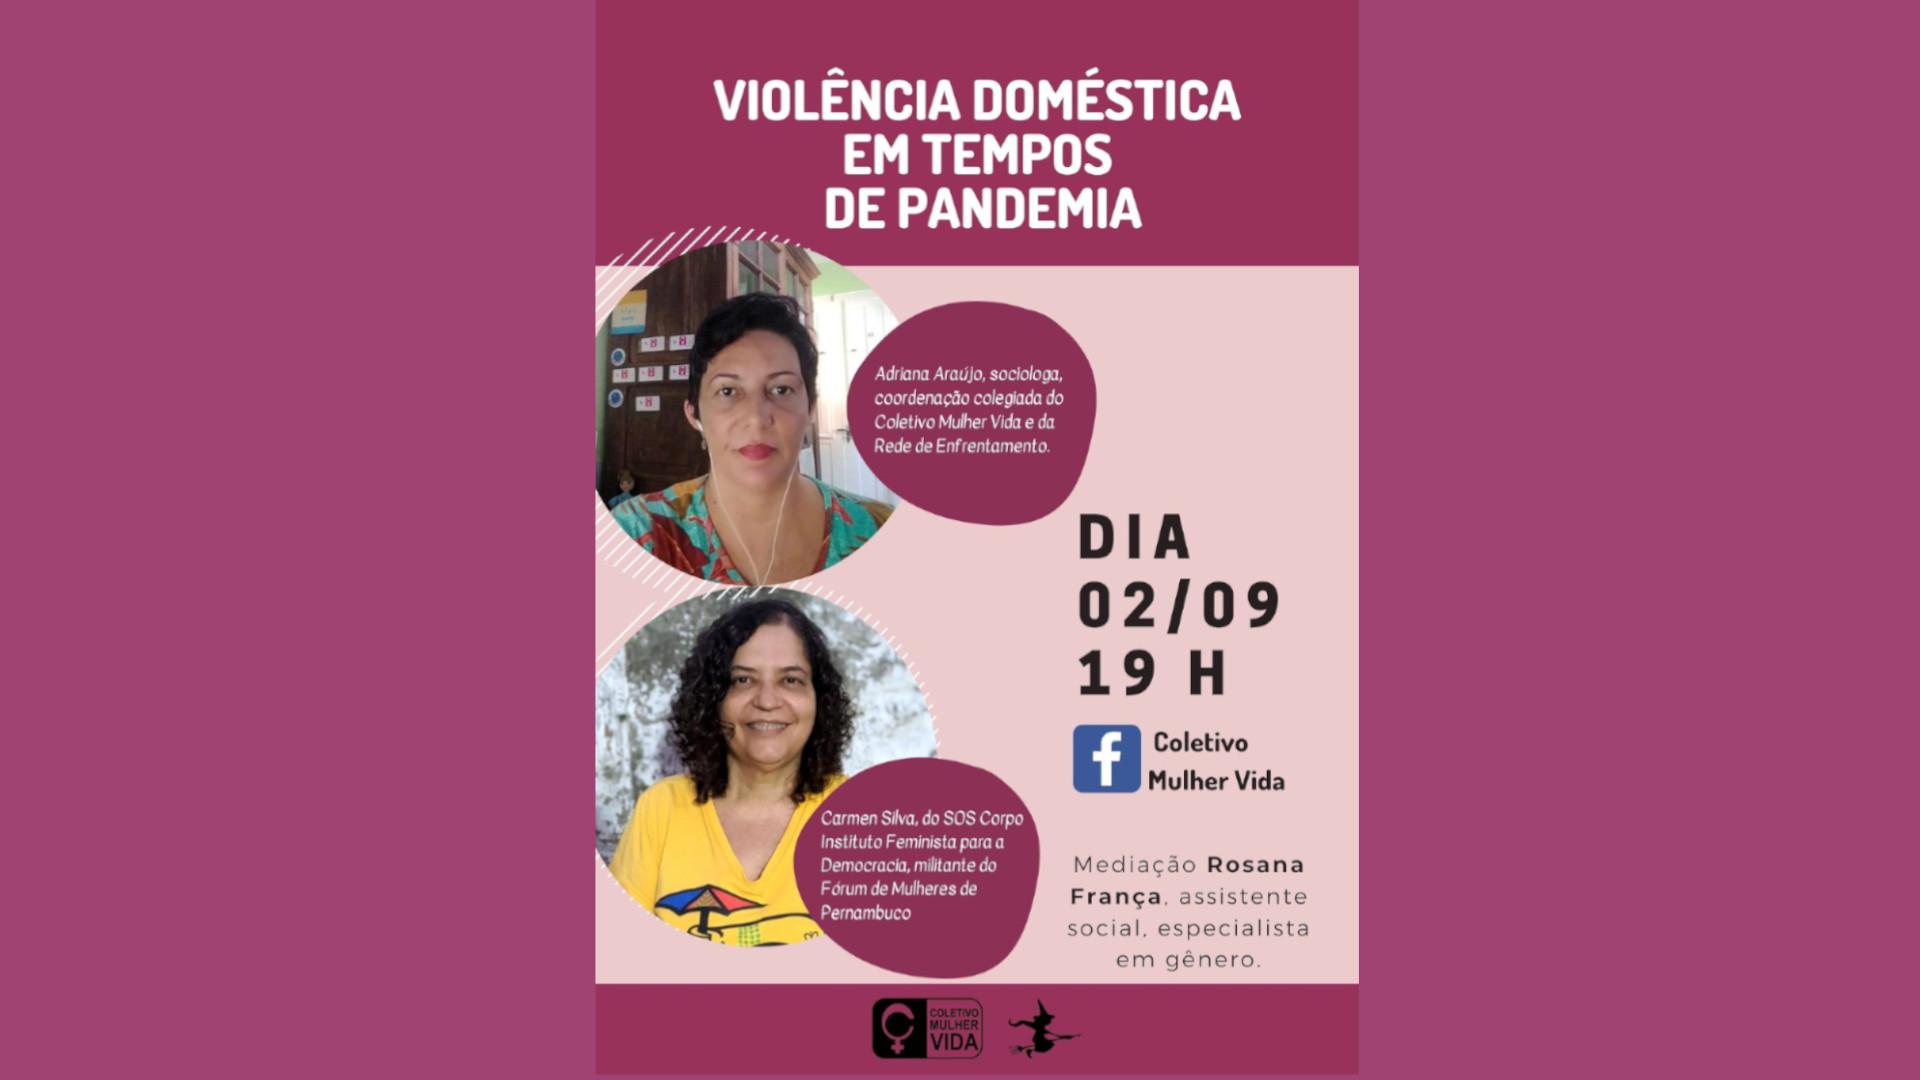 Violência doméstica em tempos de pandemia